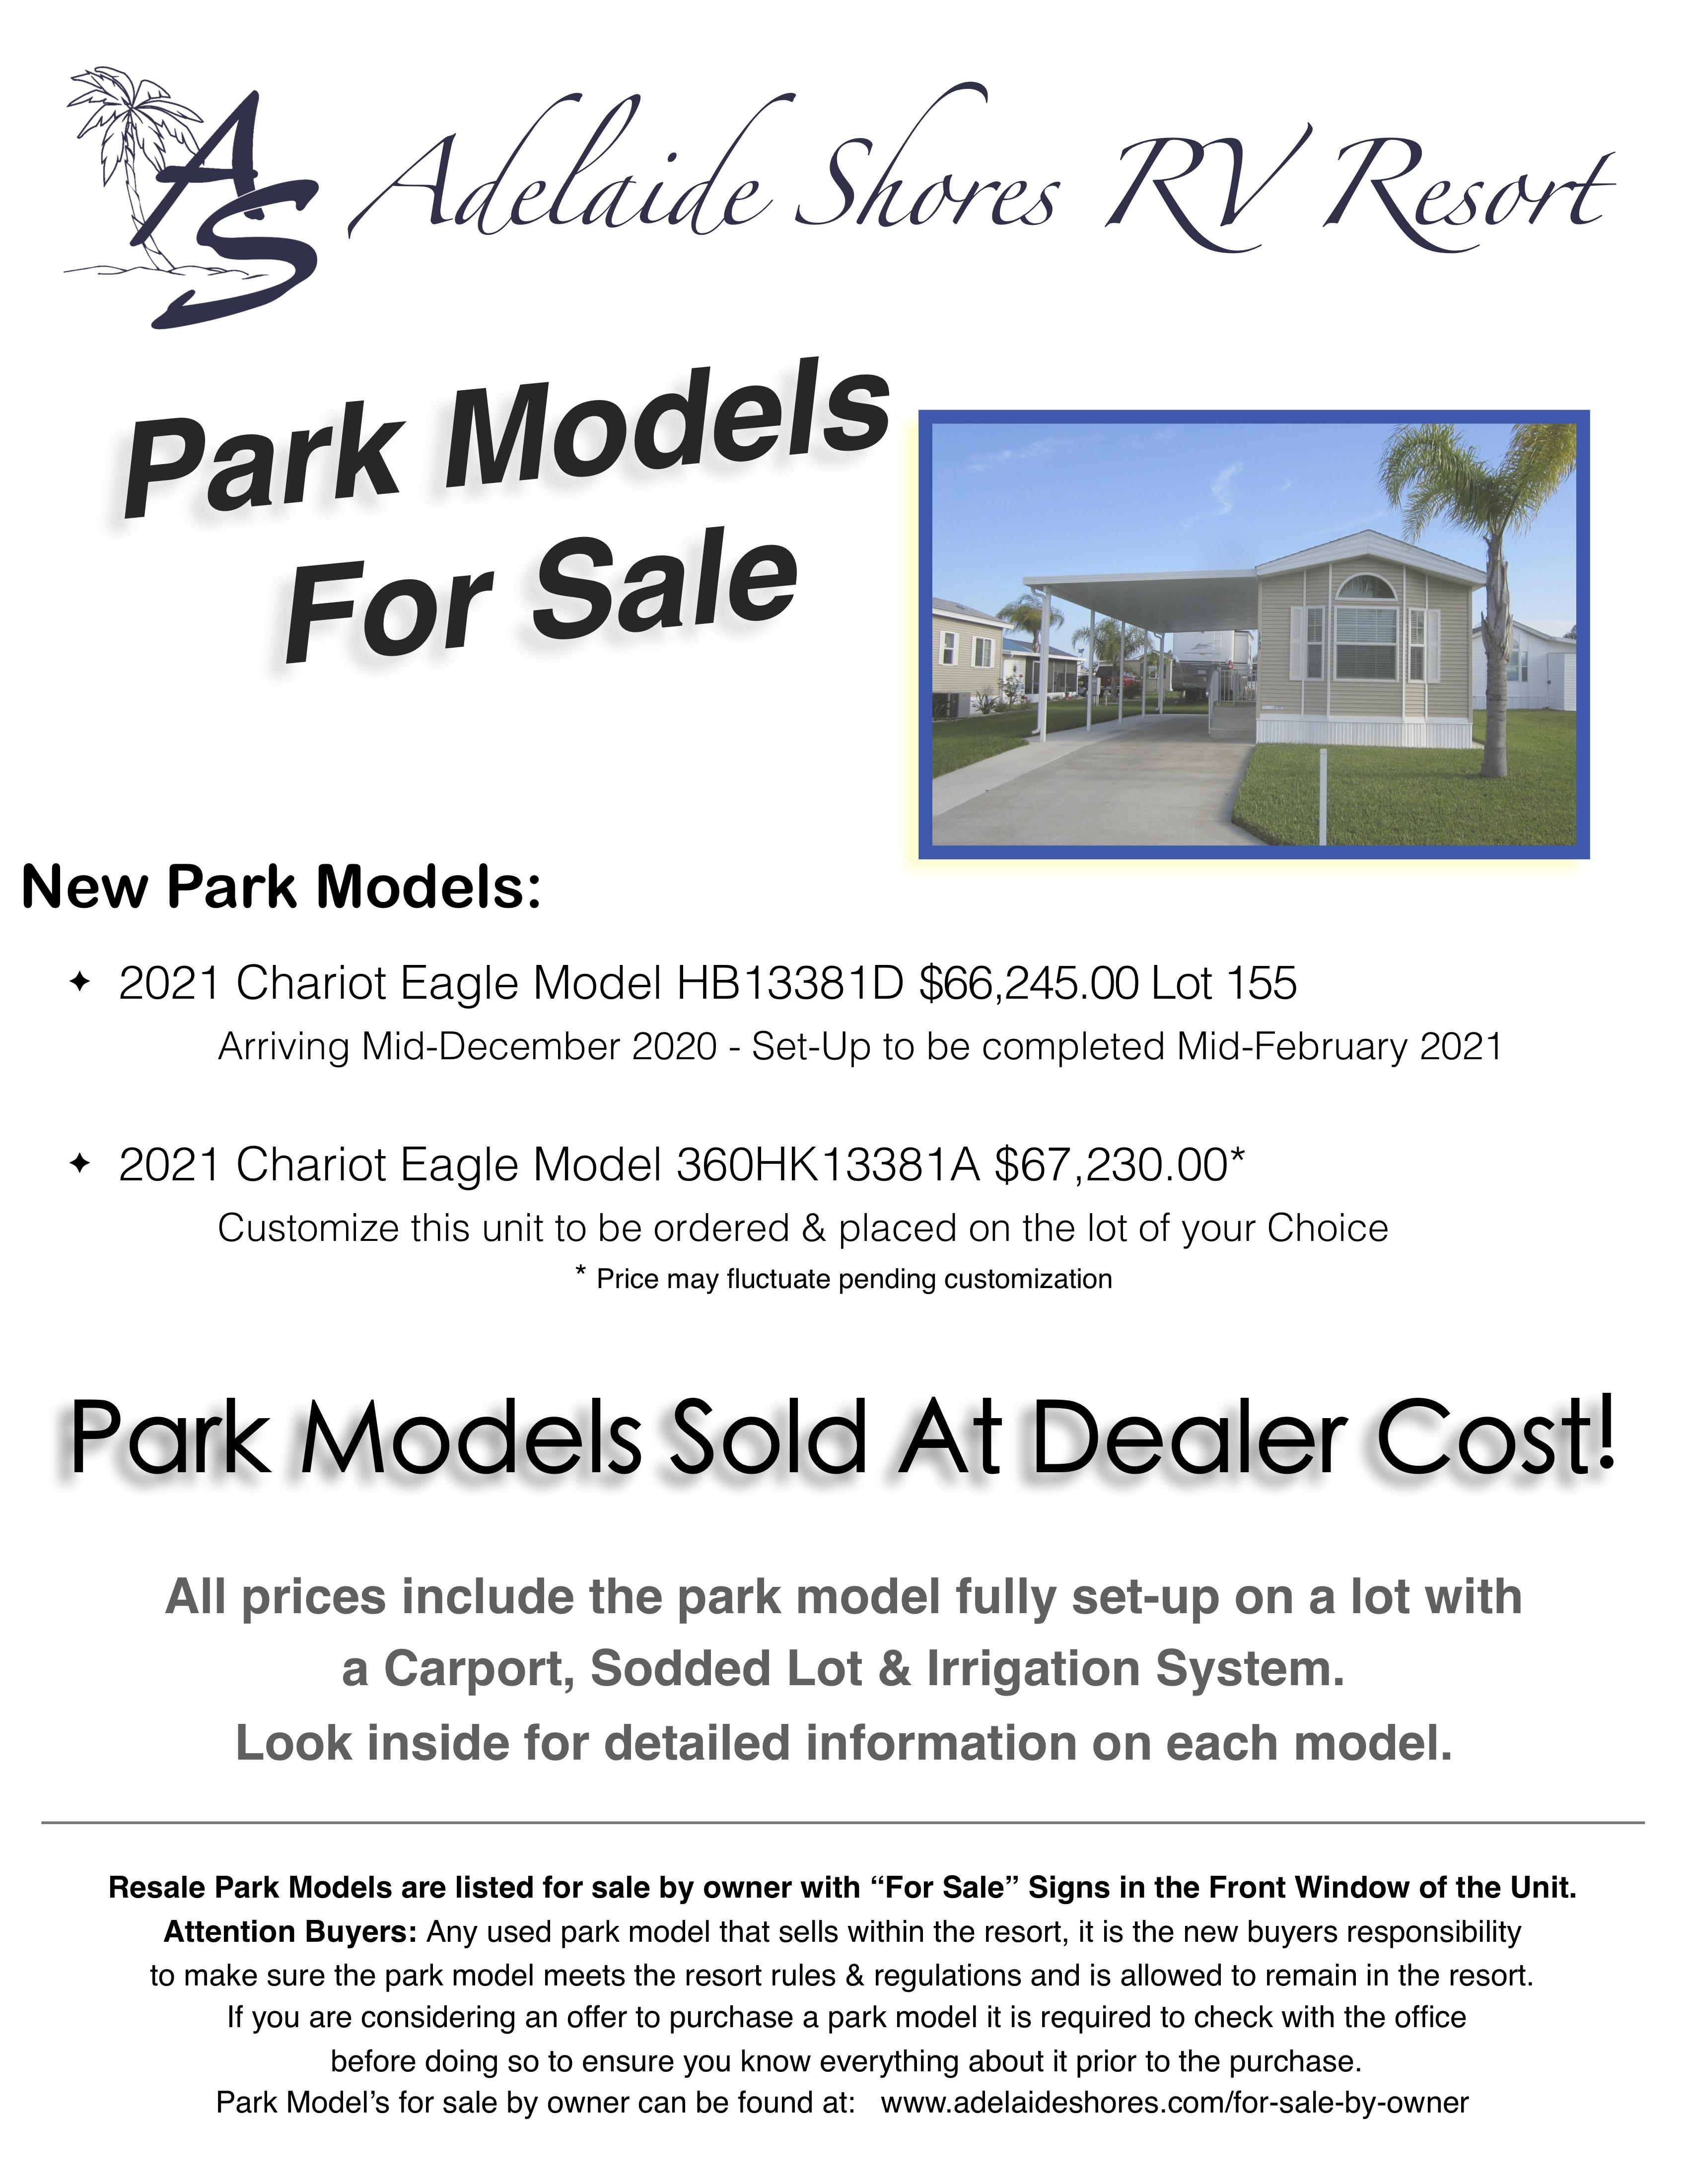 Park Models For Sale